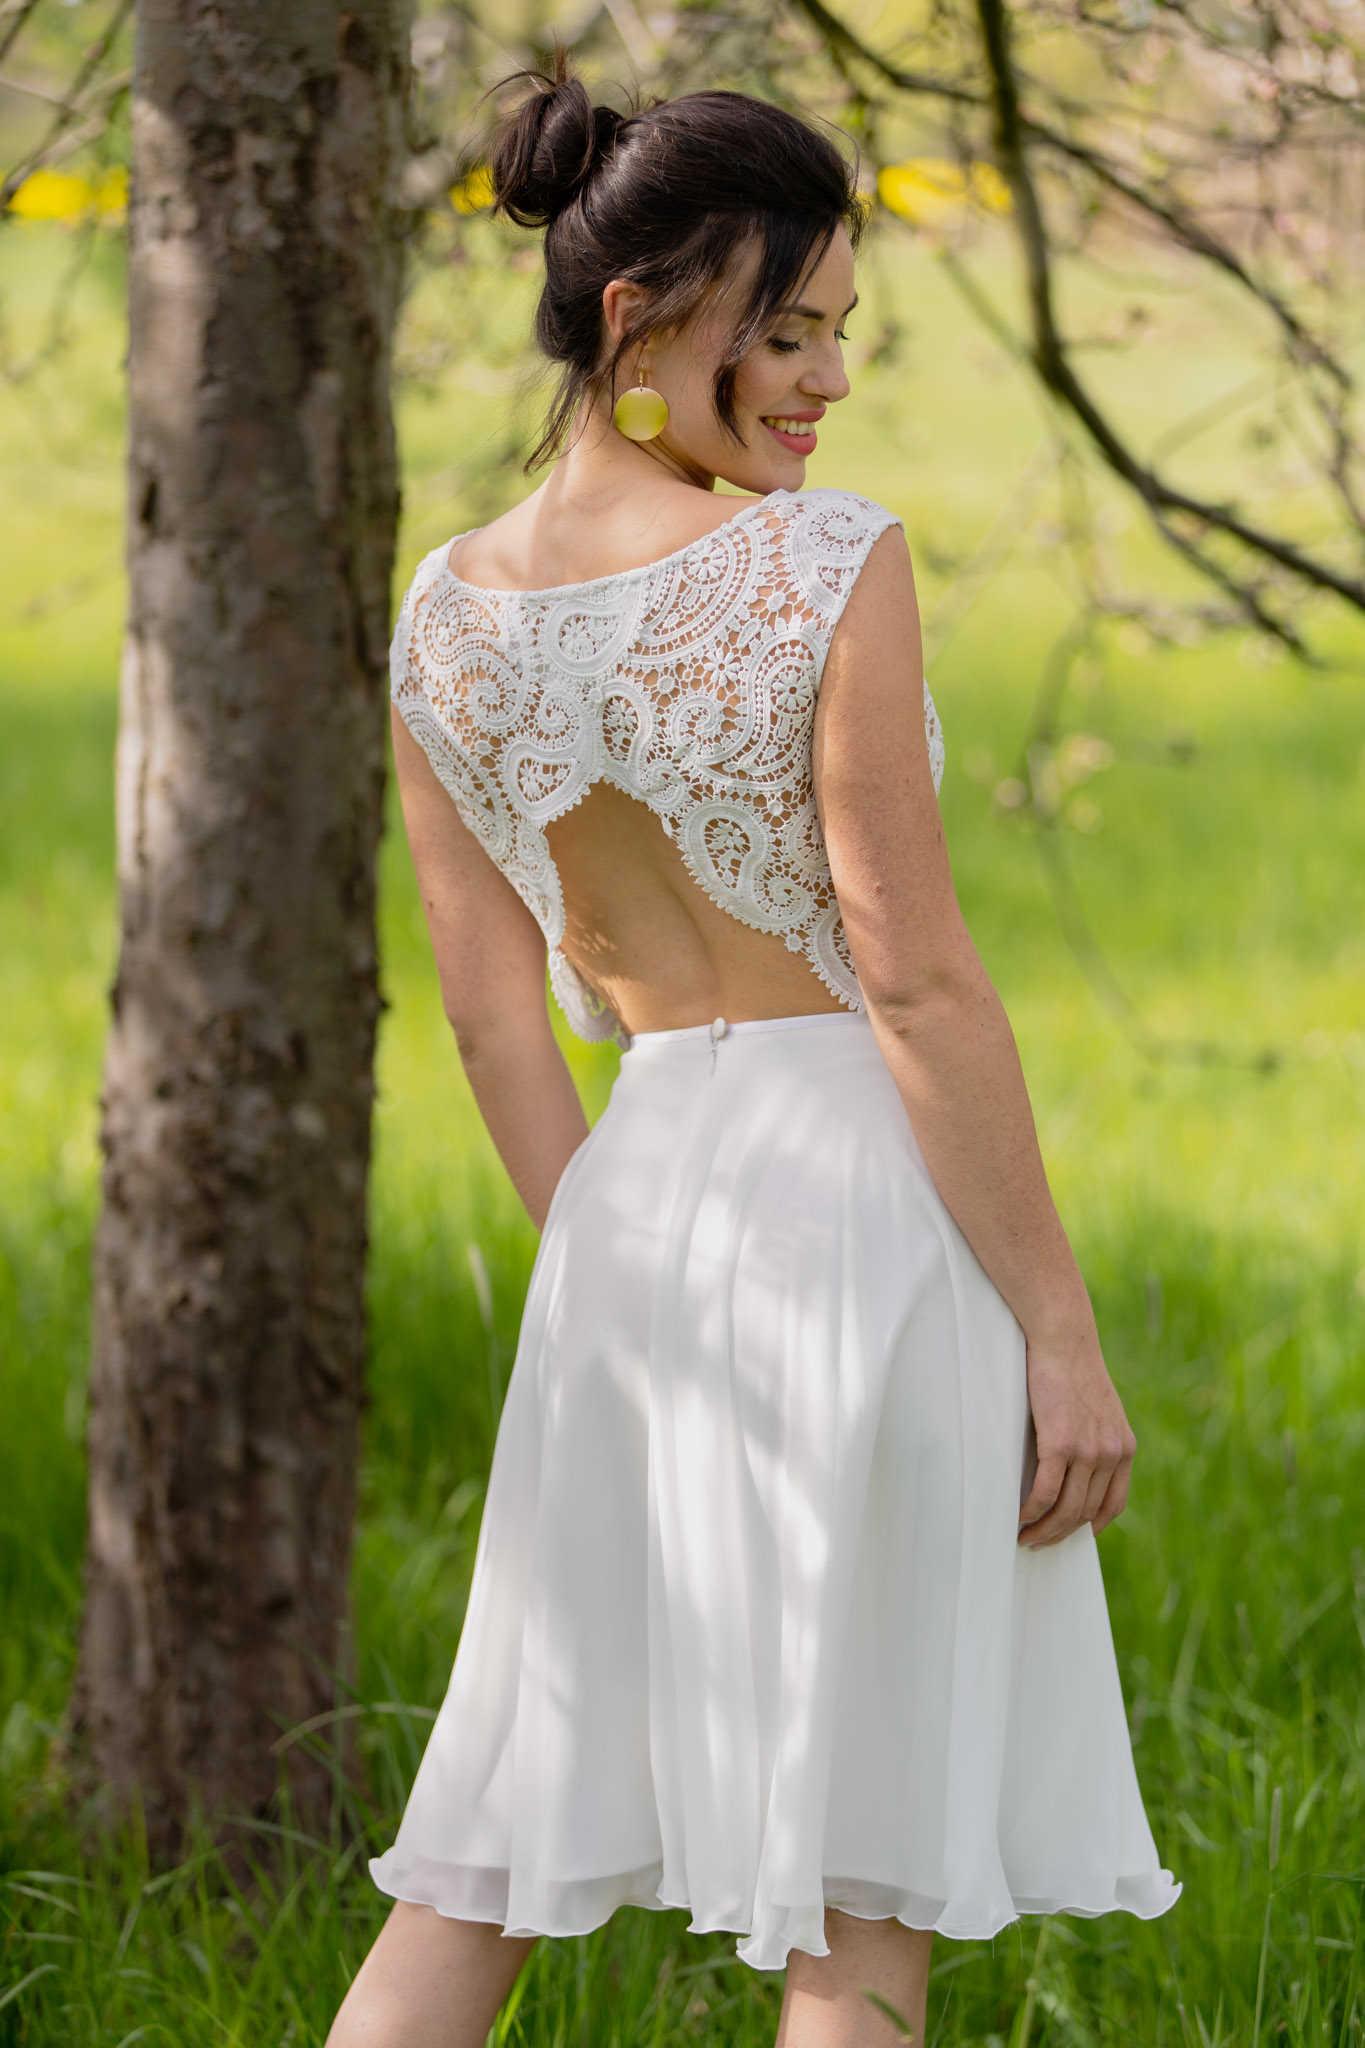 Brautkleid kurz aus Chiffon mit Spitzen-Top: Hortensia